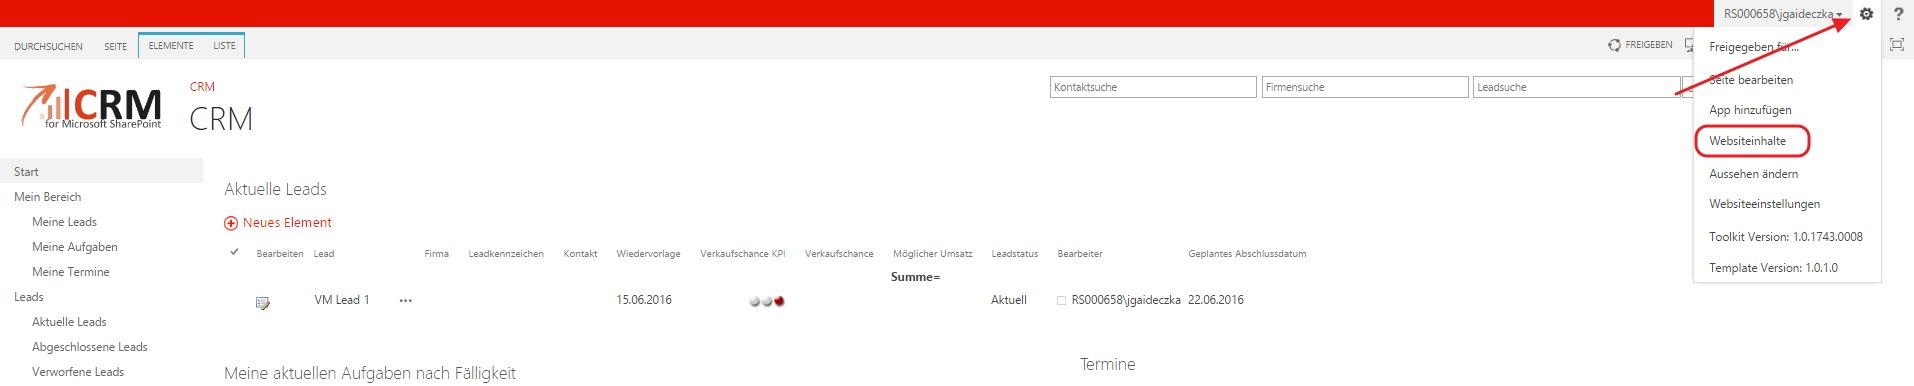 Um in SharePoint 2013 eine neue Webseite anzulegen müssen Sie zu den Webseiteninhalte navigieren